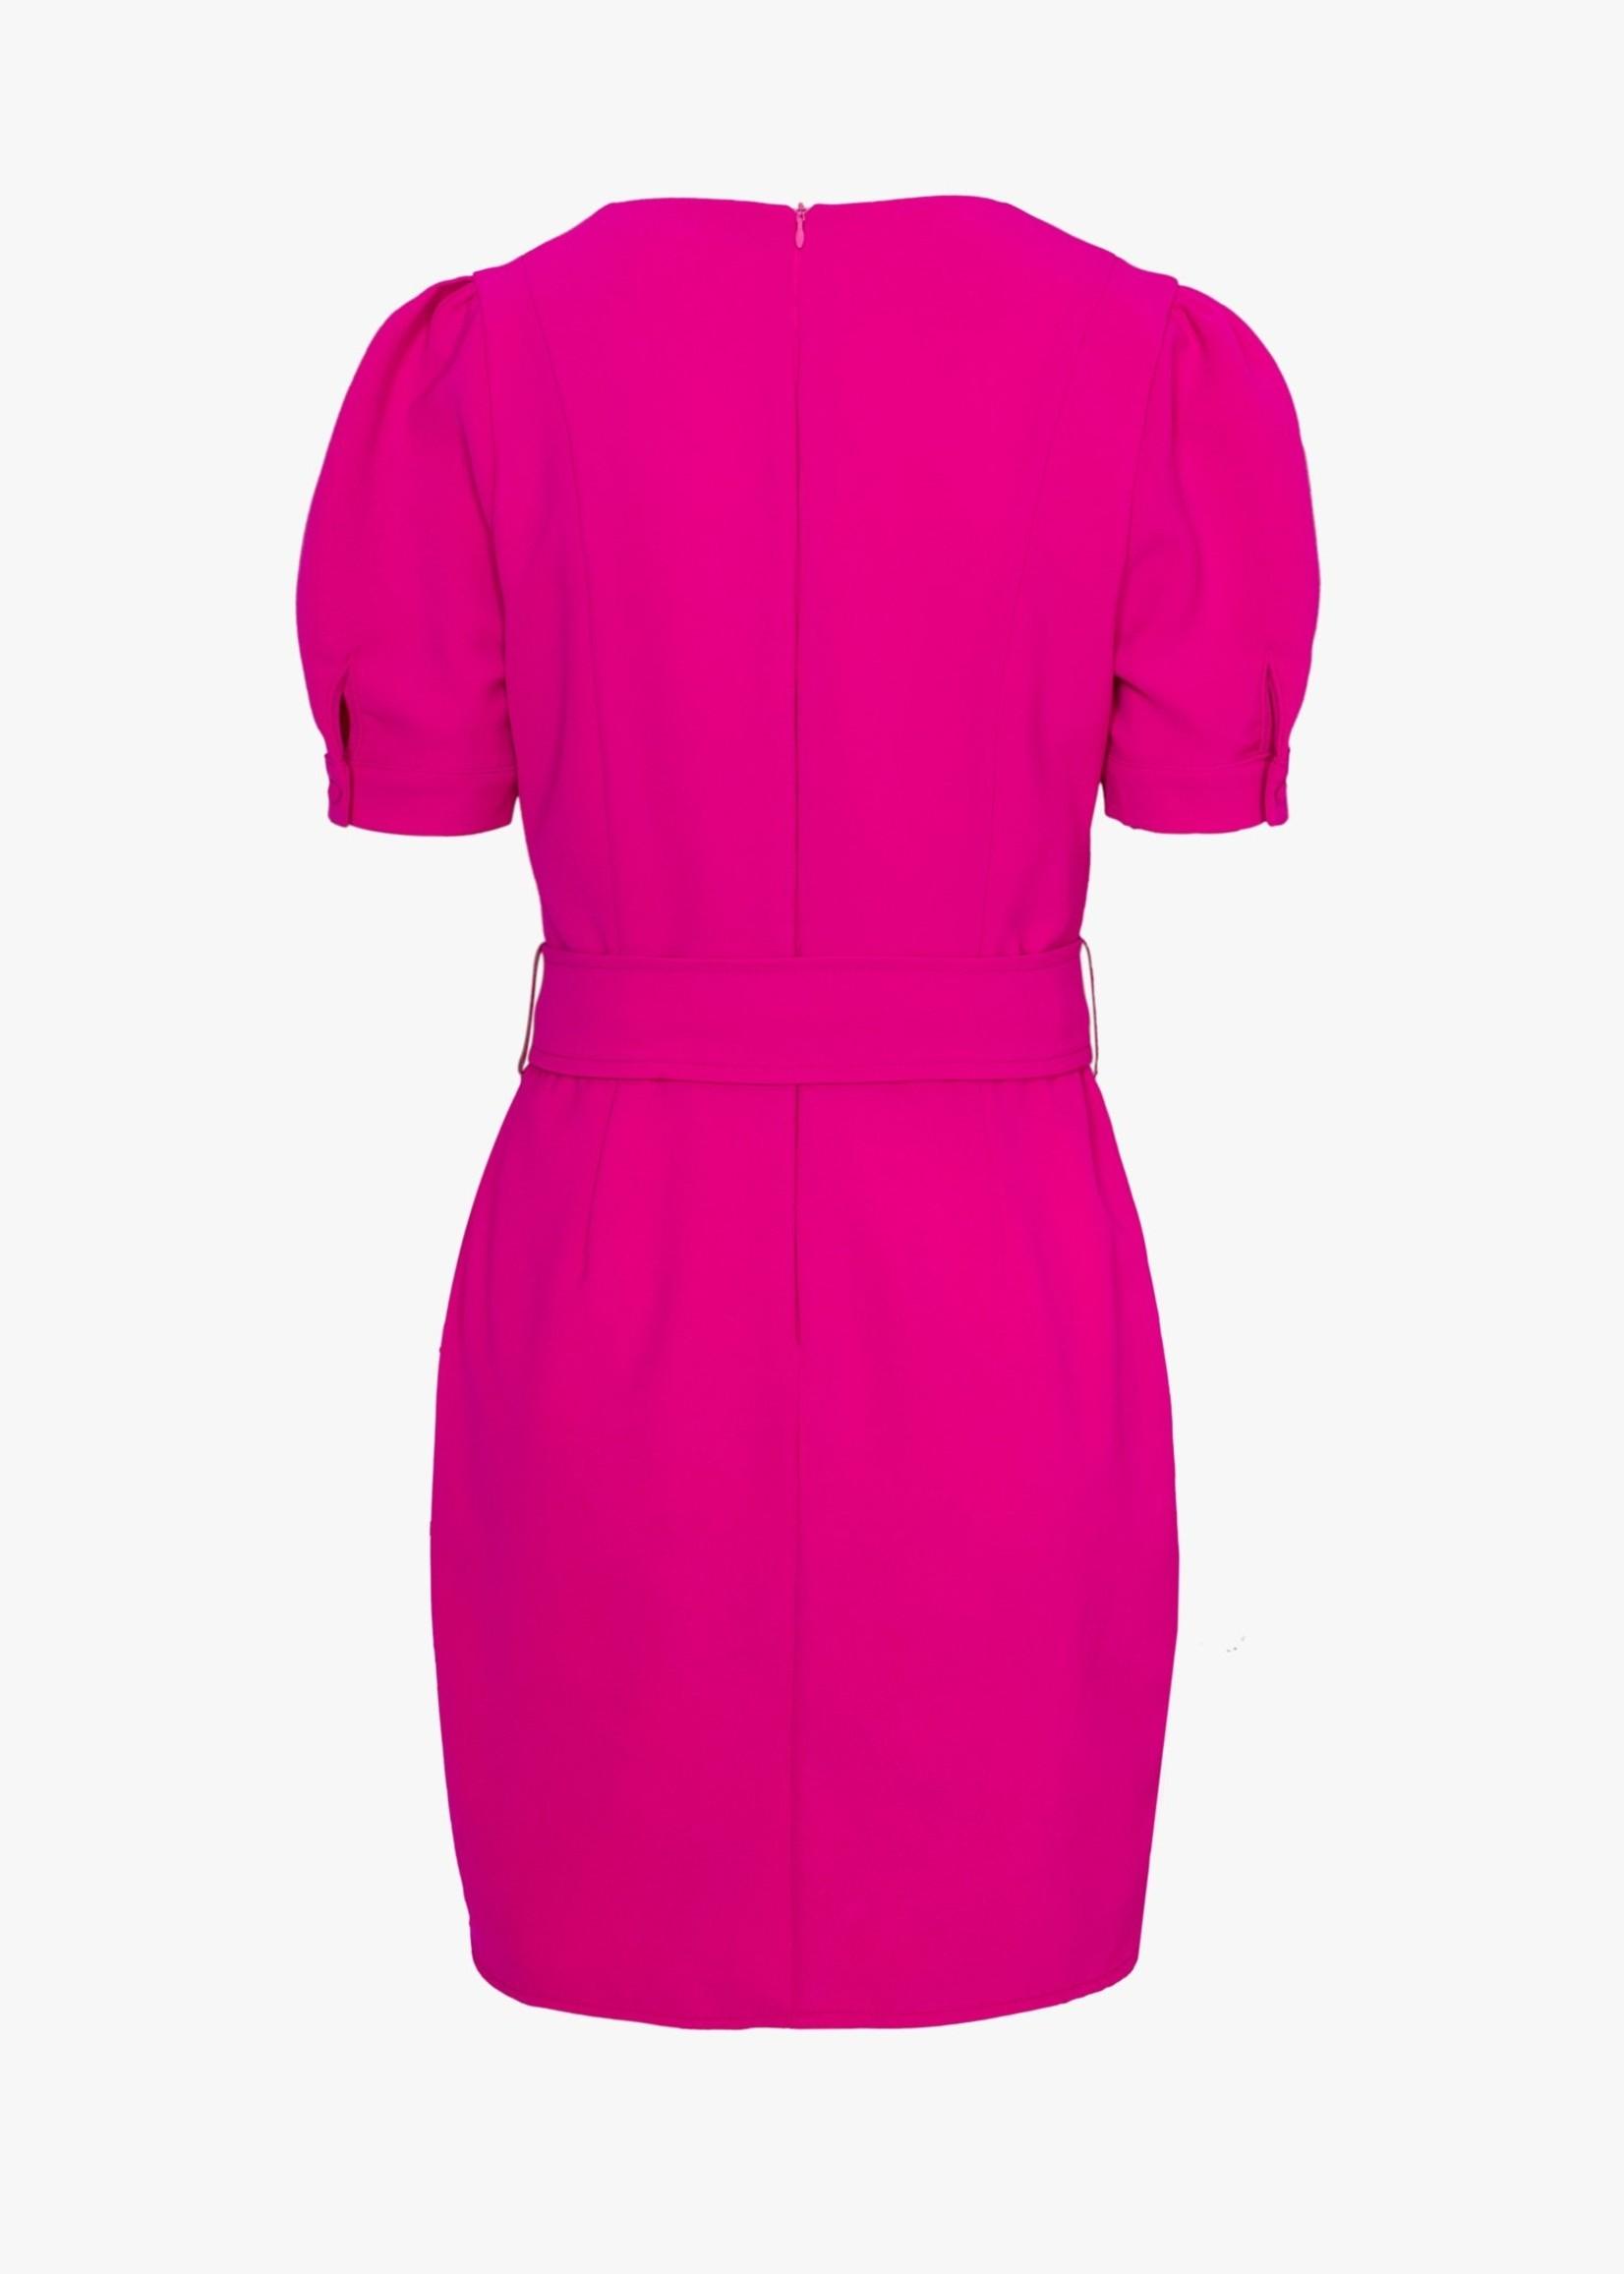 Elitaire Boutique Terry Fuchsia Dress